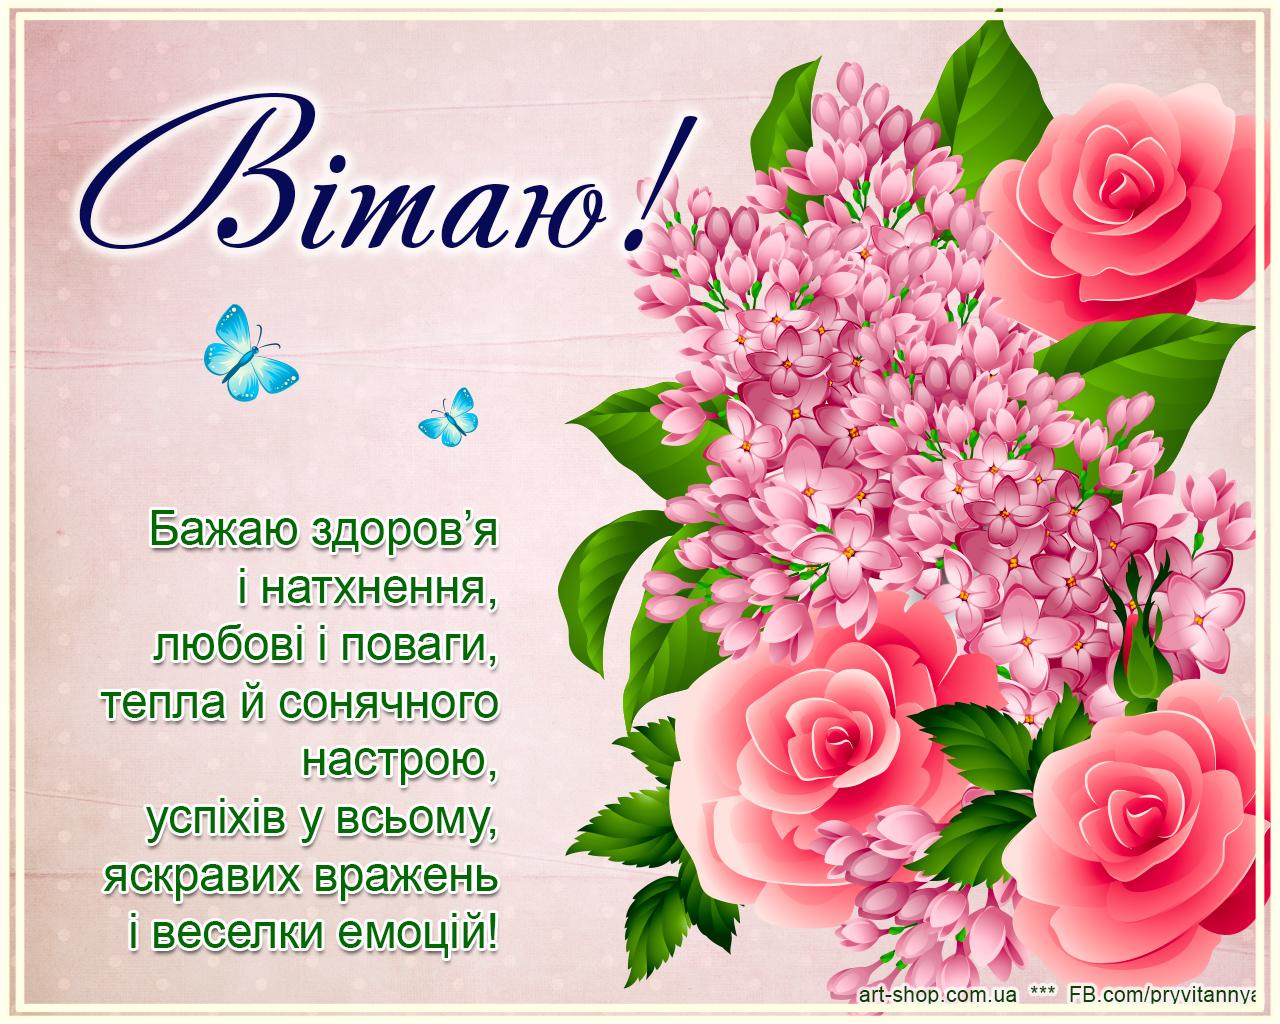 Поздравление двоюродному брату с юбилеем на украинском 46